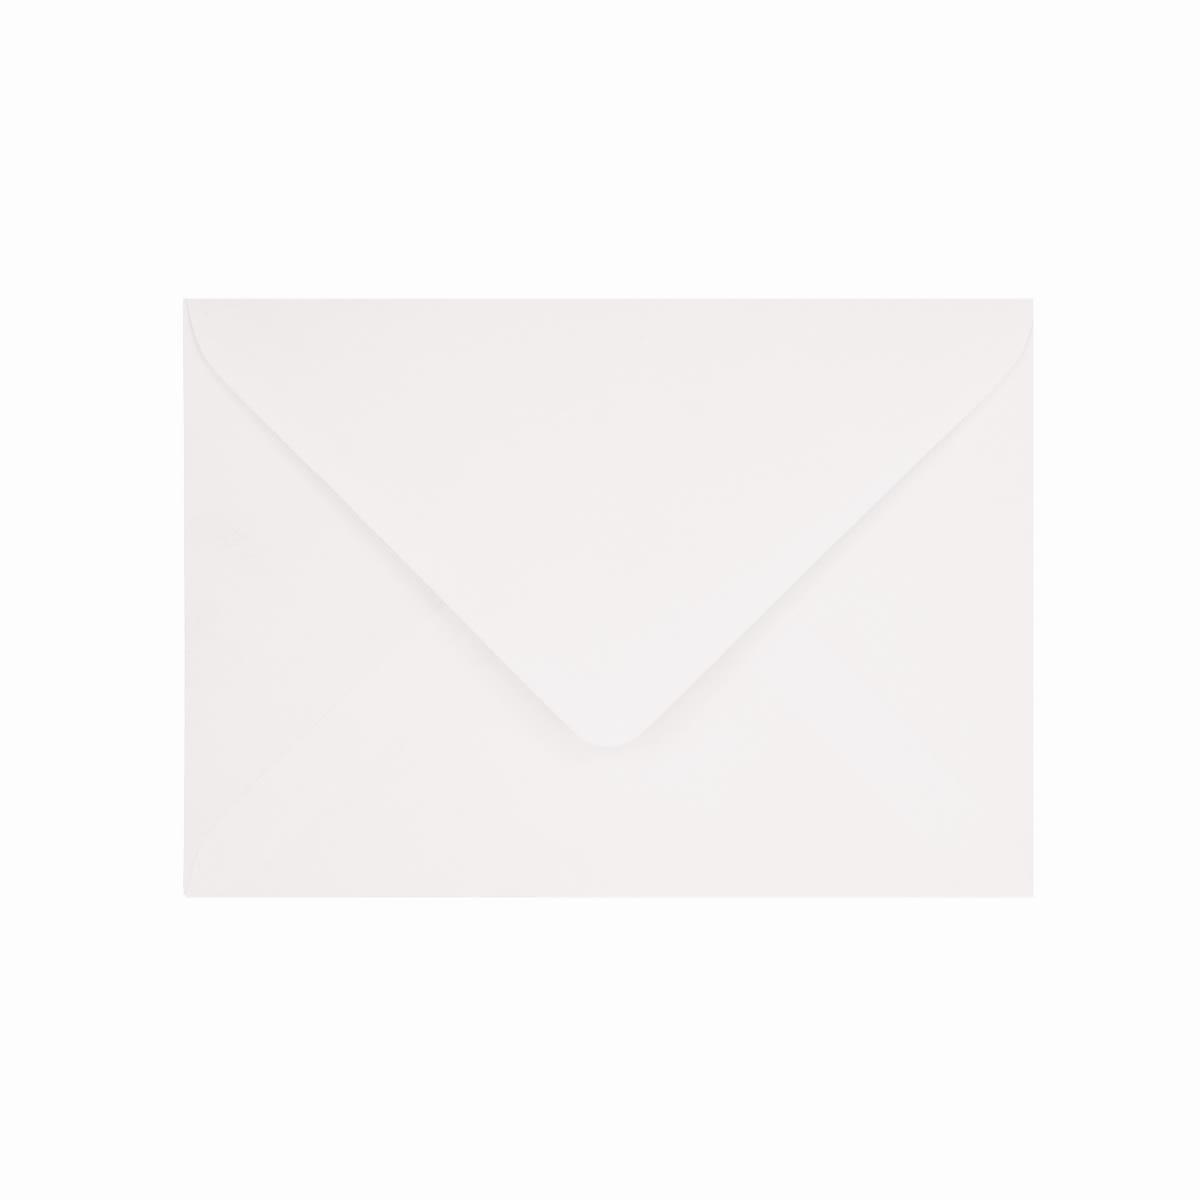 WHITE HAMMER EFFECT 125 x 175 mm ENVELOPES 135GSM